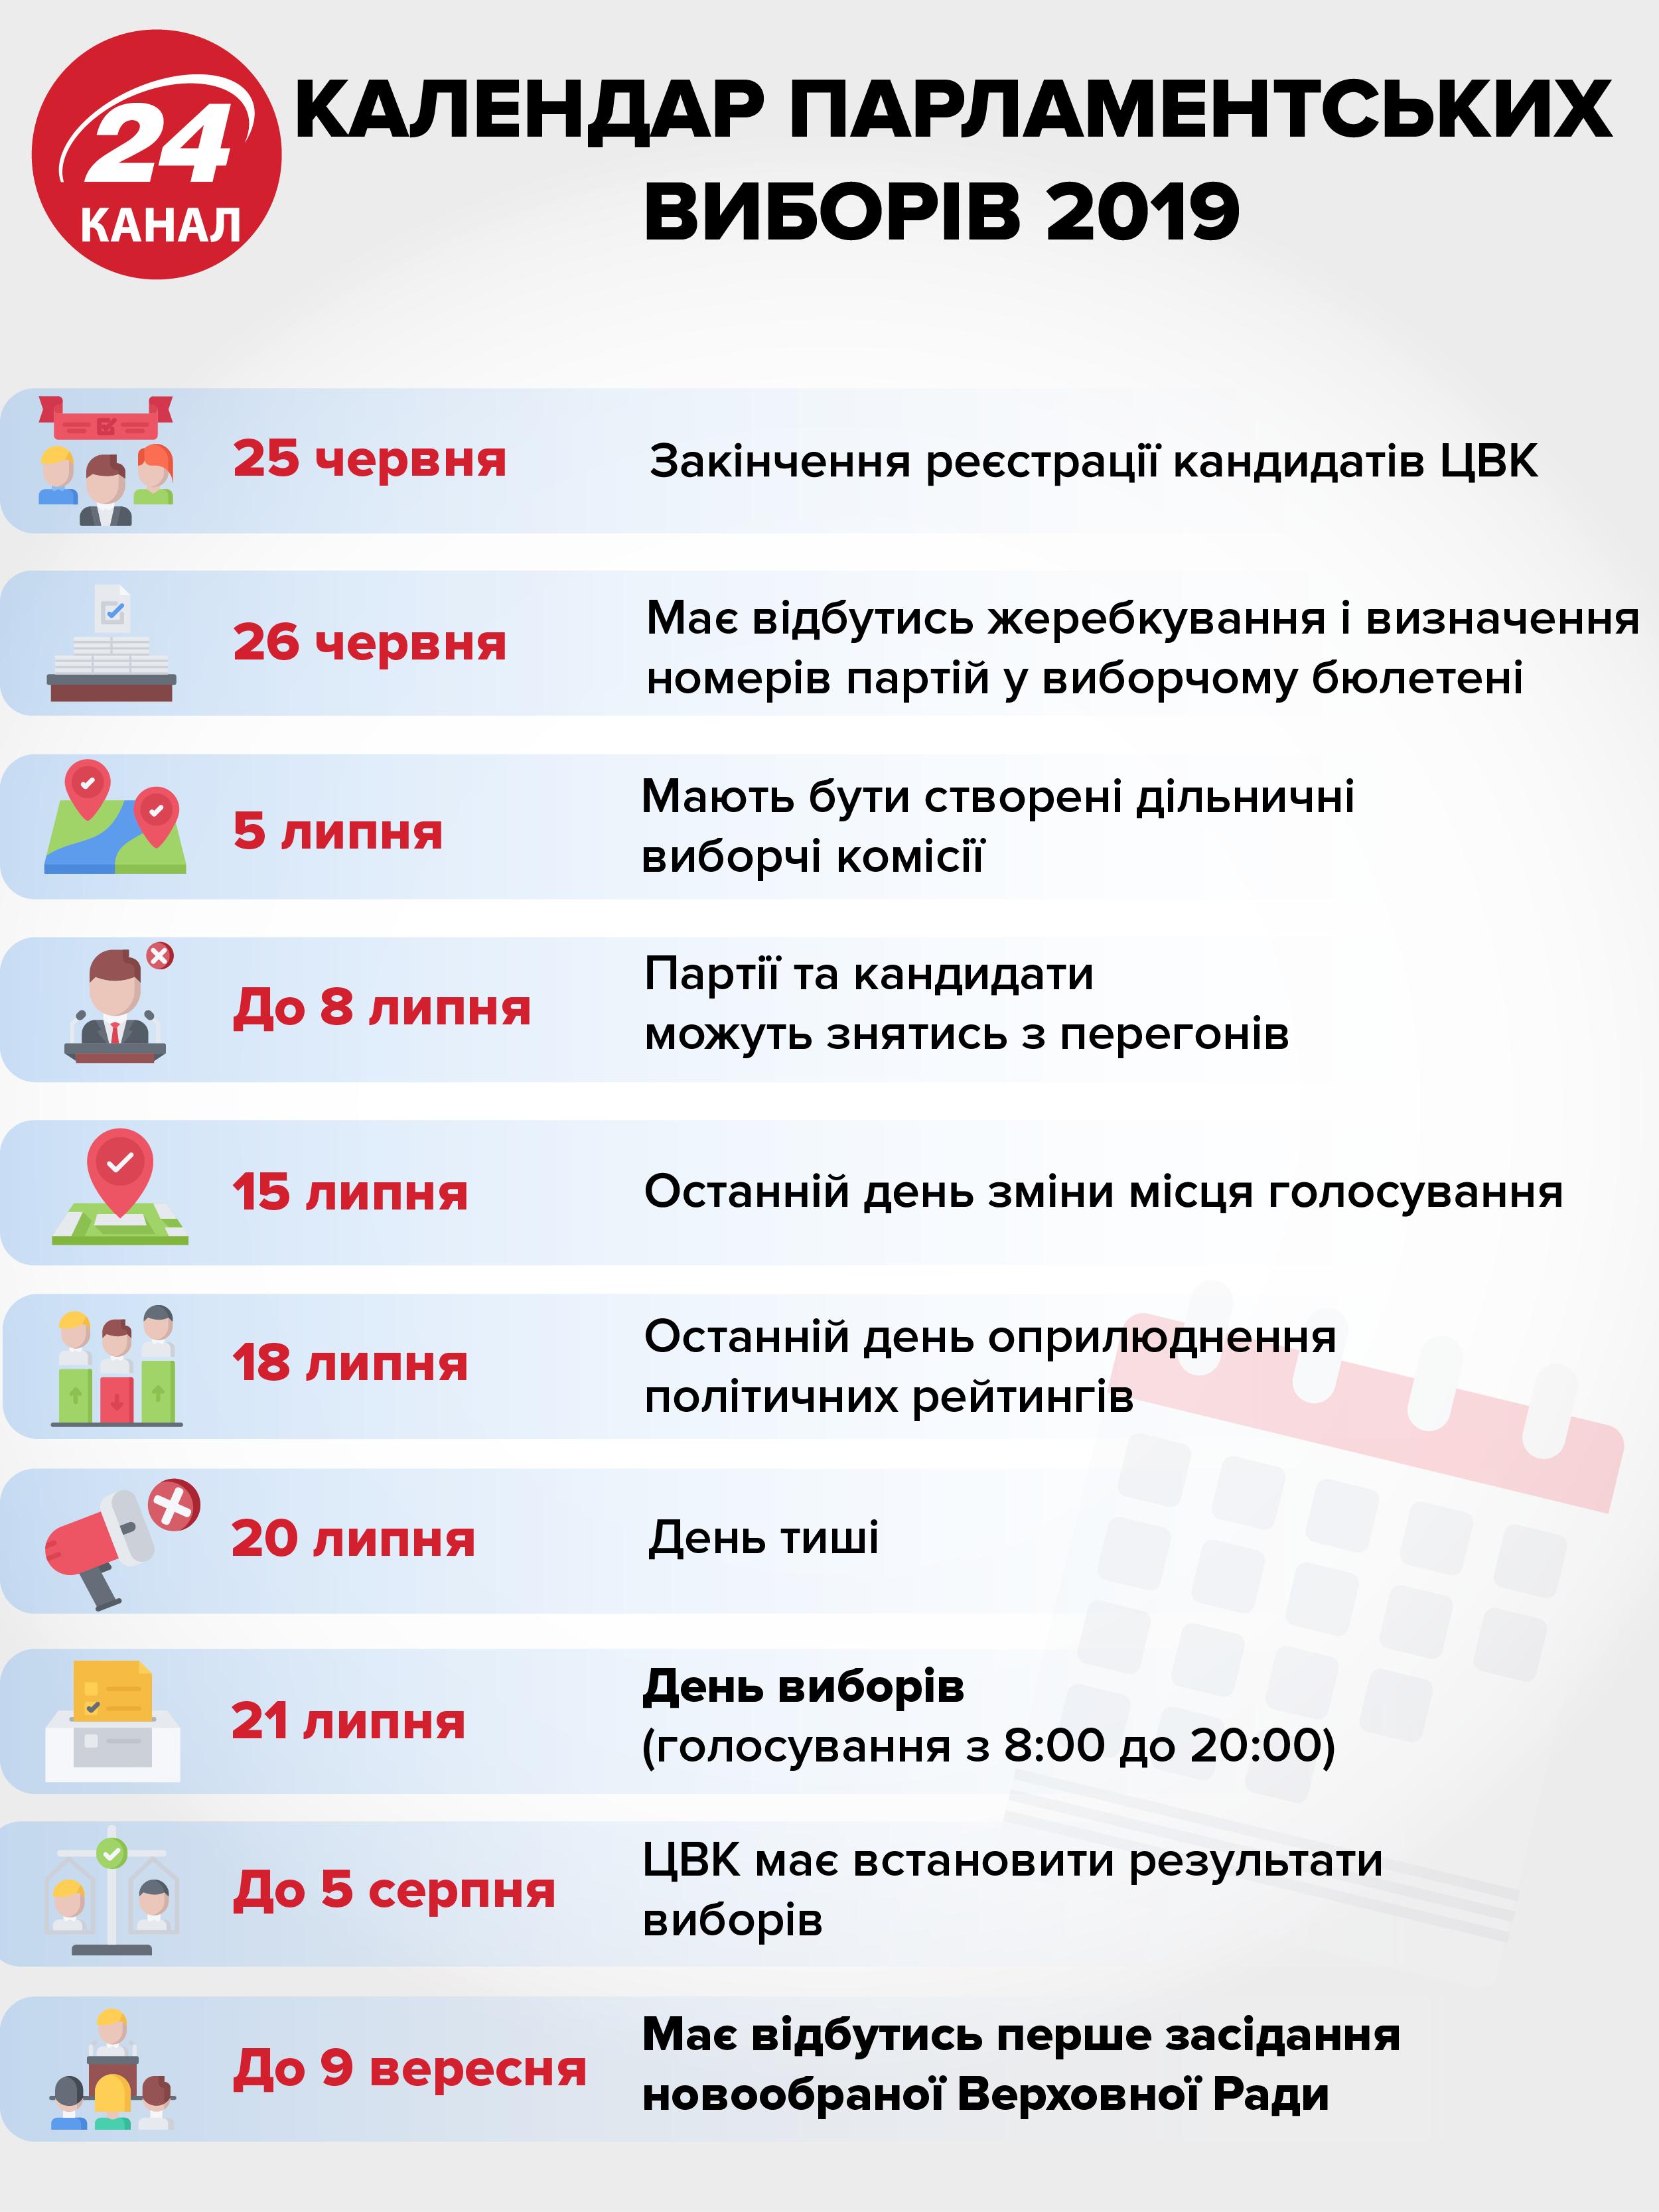 вибори парламентські вибори дата інфографіка 21 липня